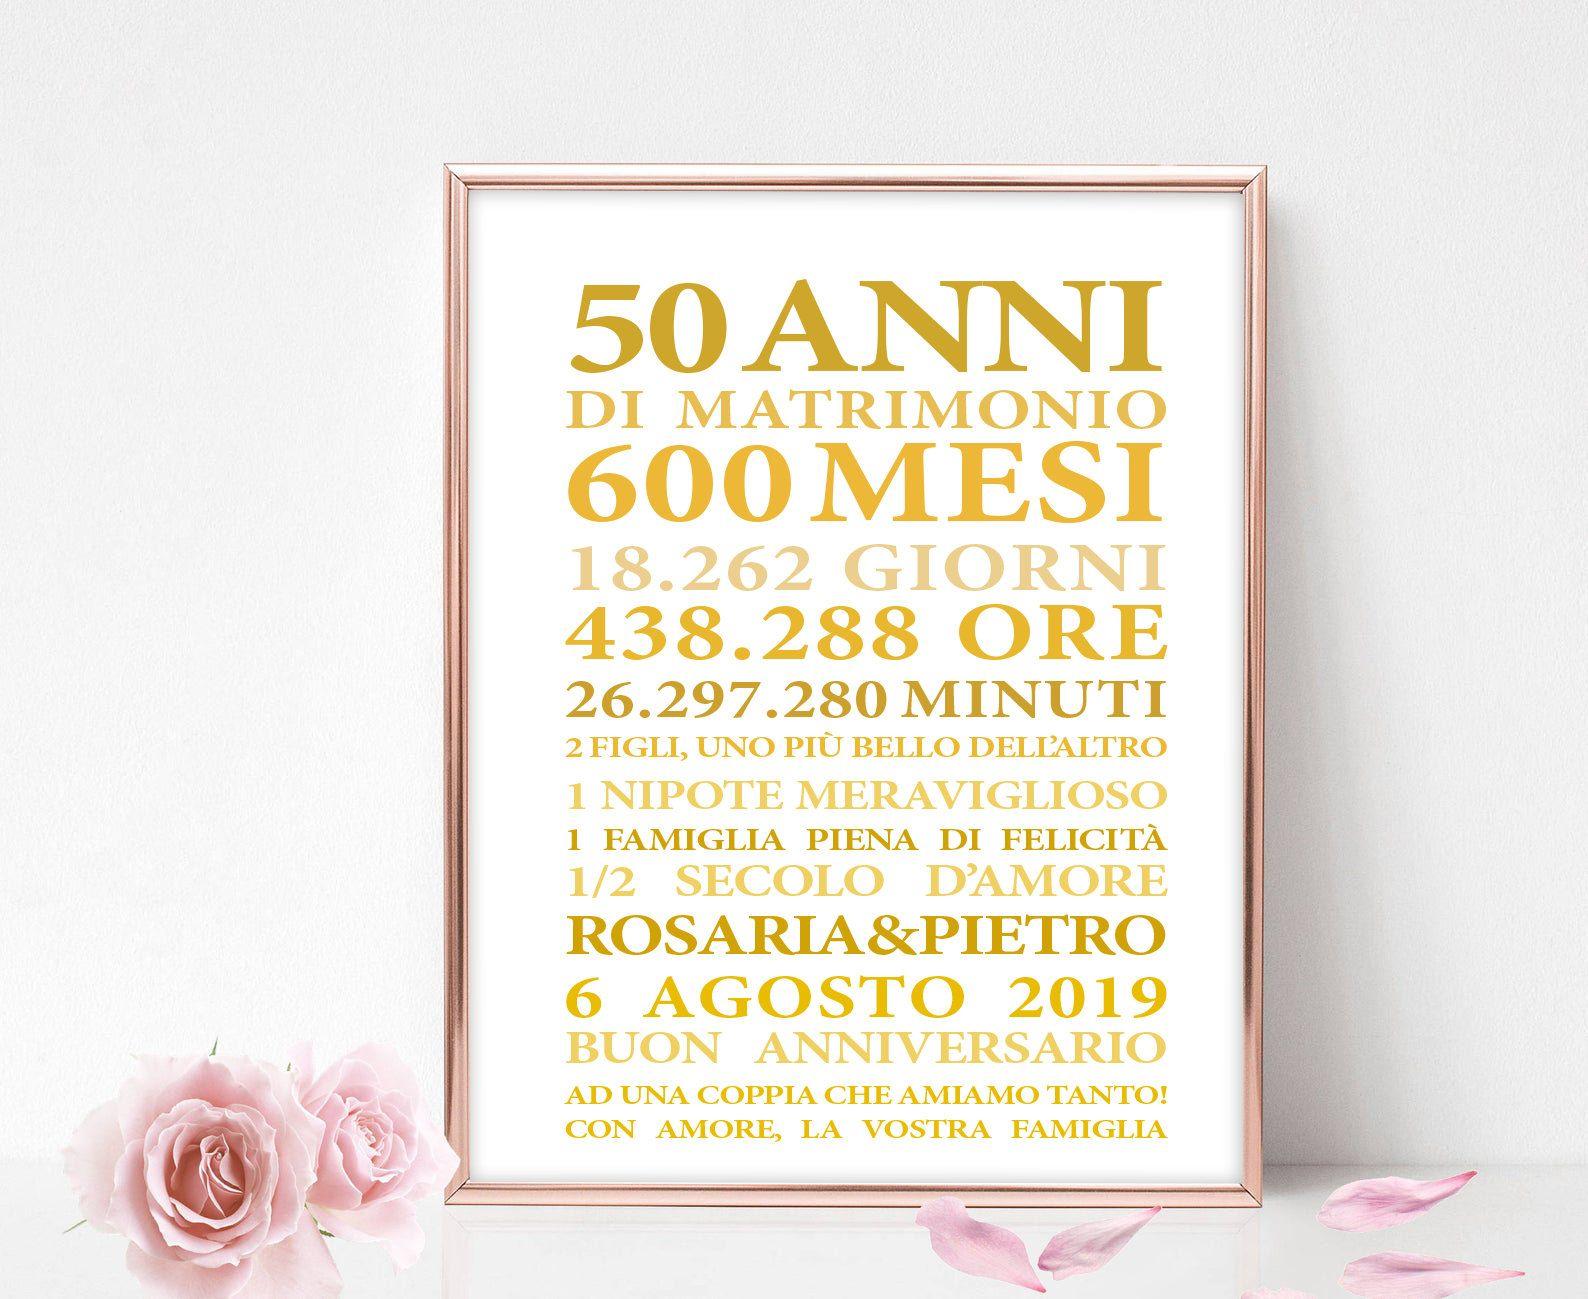 50 Anni Anniversario Di Matrimonio Idearegalo Quadretto Personalizzato Poster C 50esimo Anniversario Di Matrimonio Anniversario Di Matrimonio Anniversario